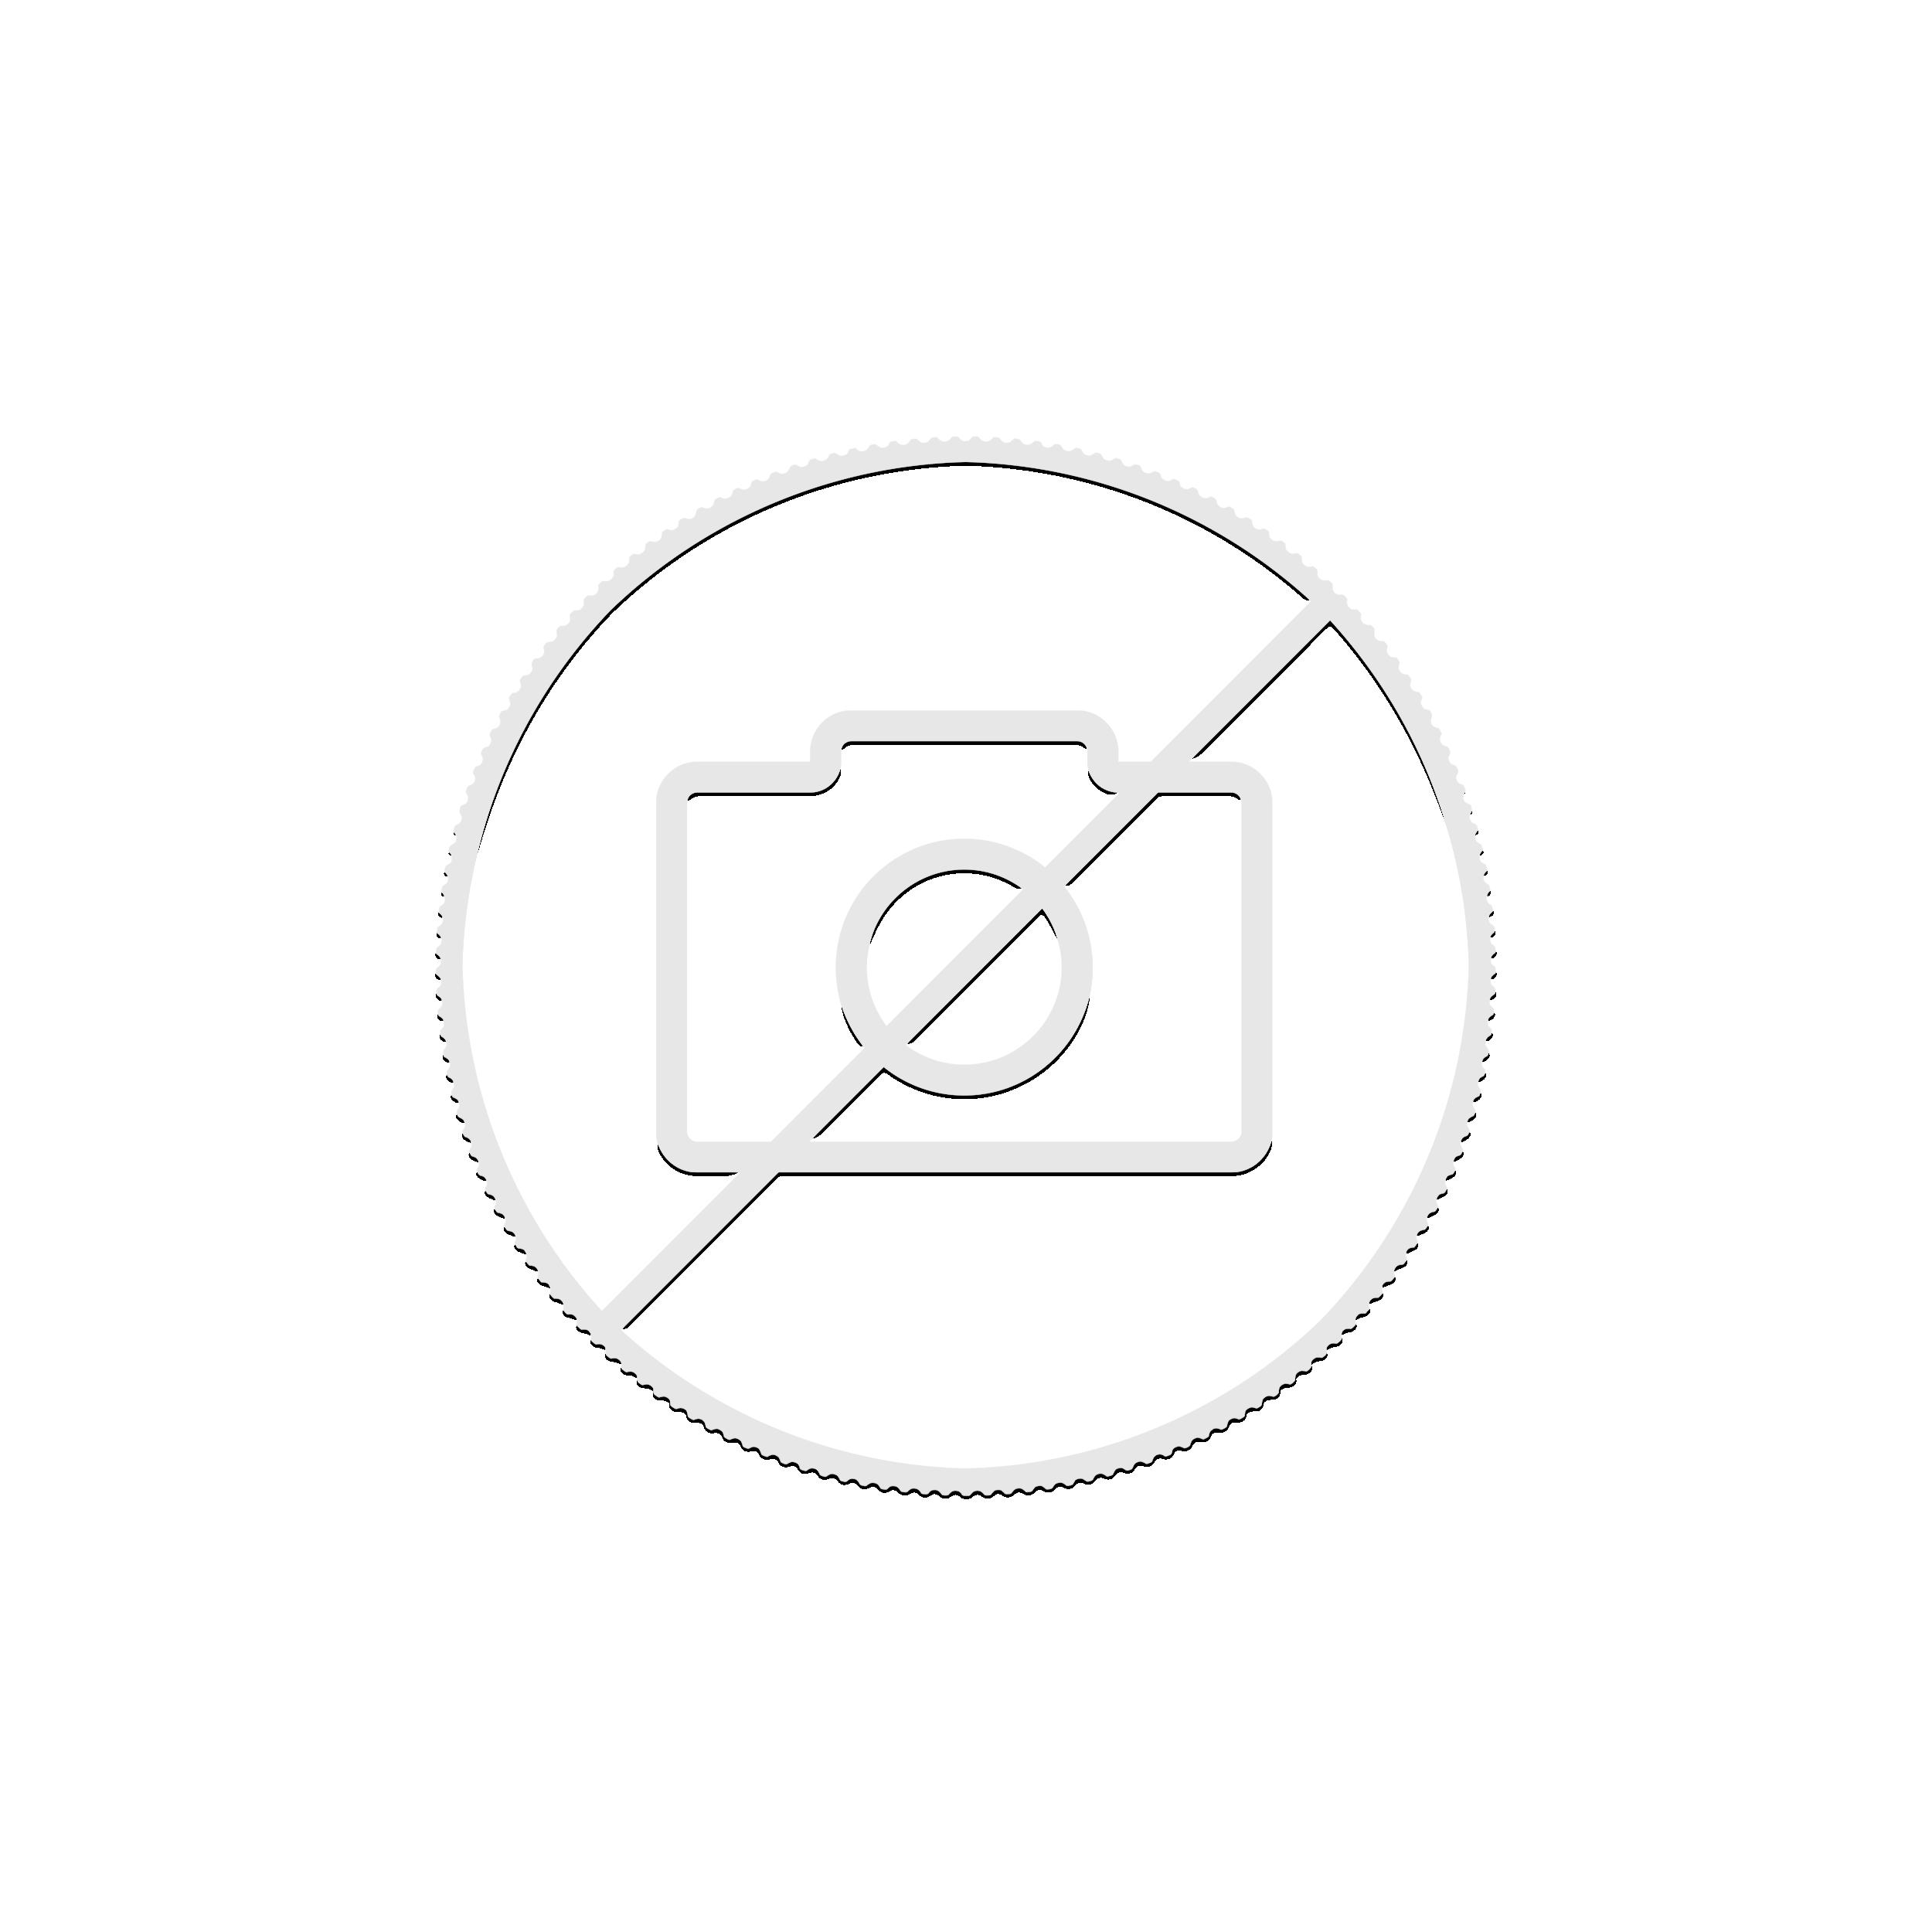 9 troy ounce zilveren munten set superhelden